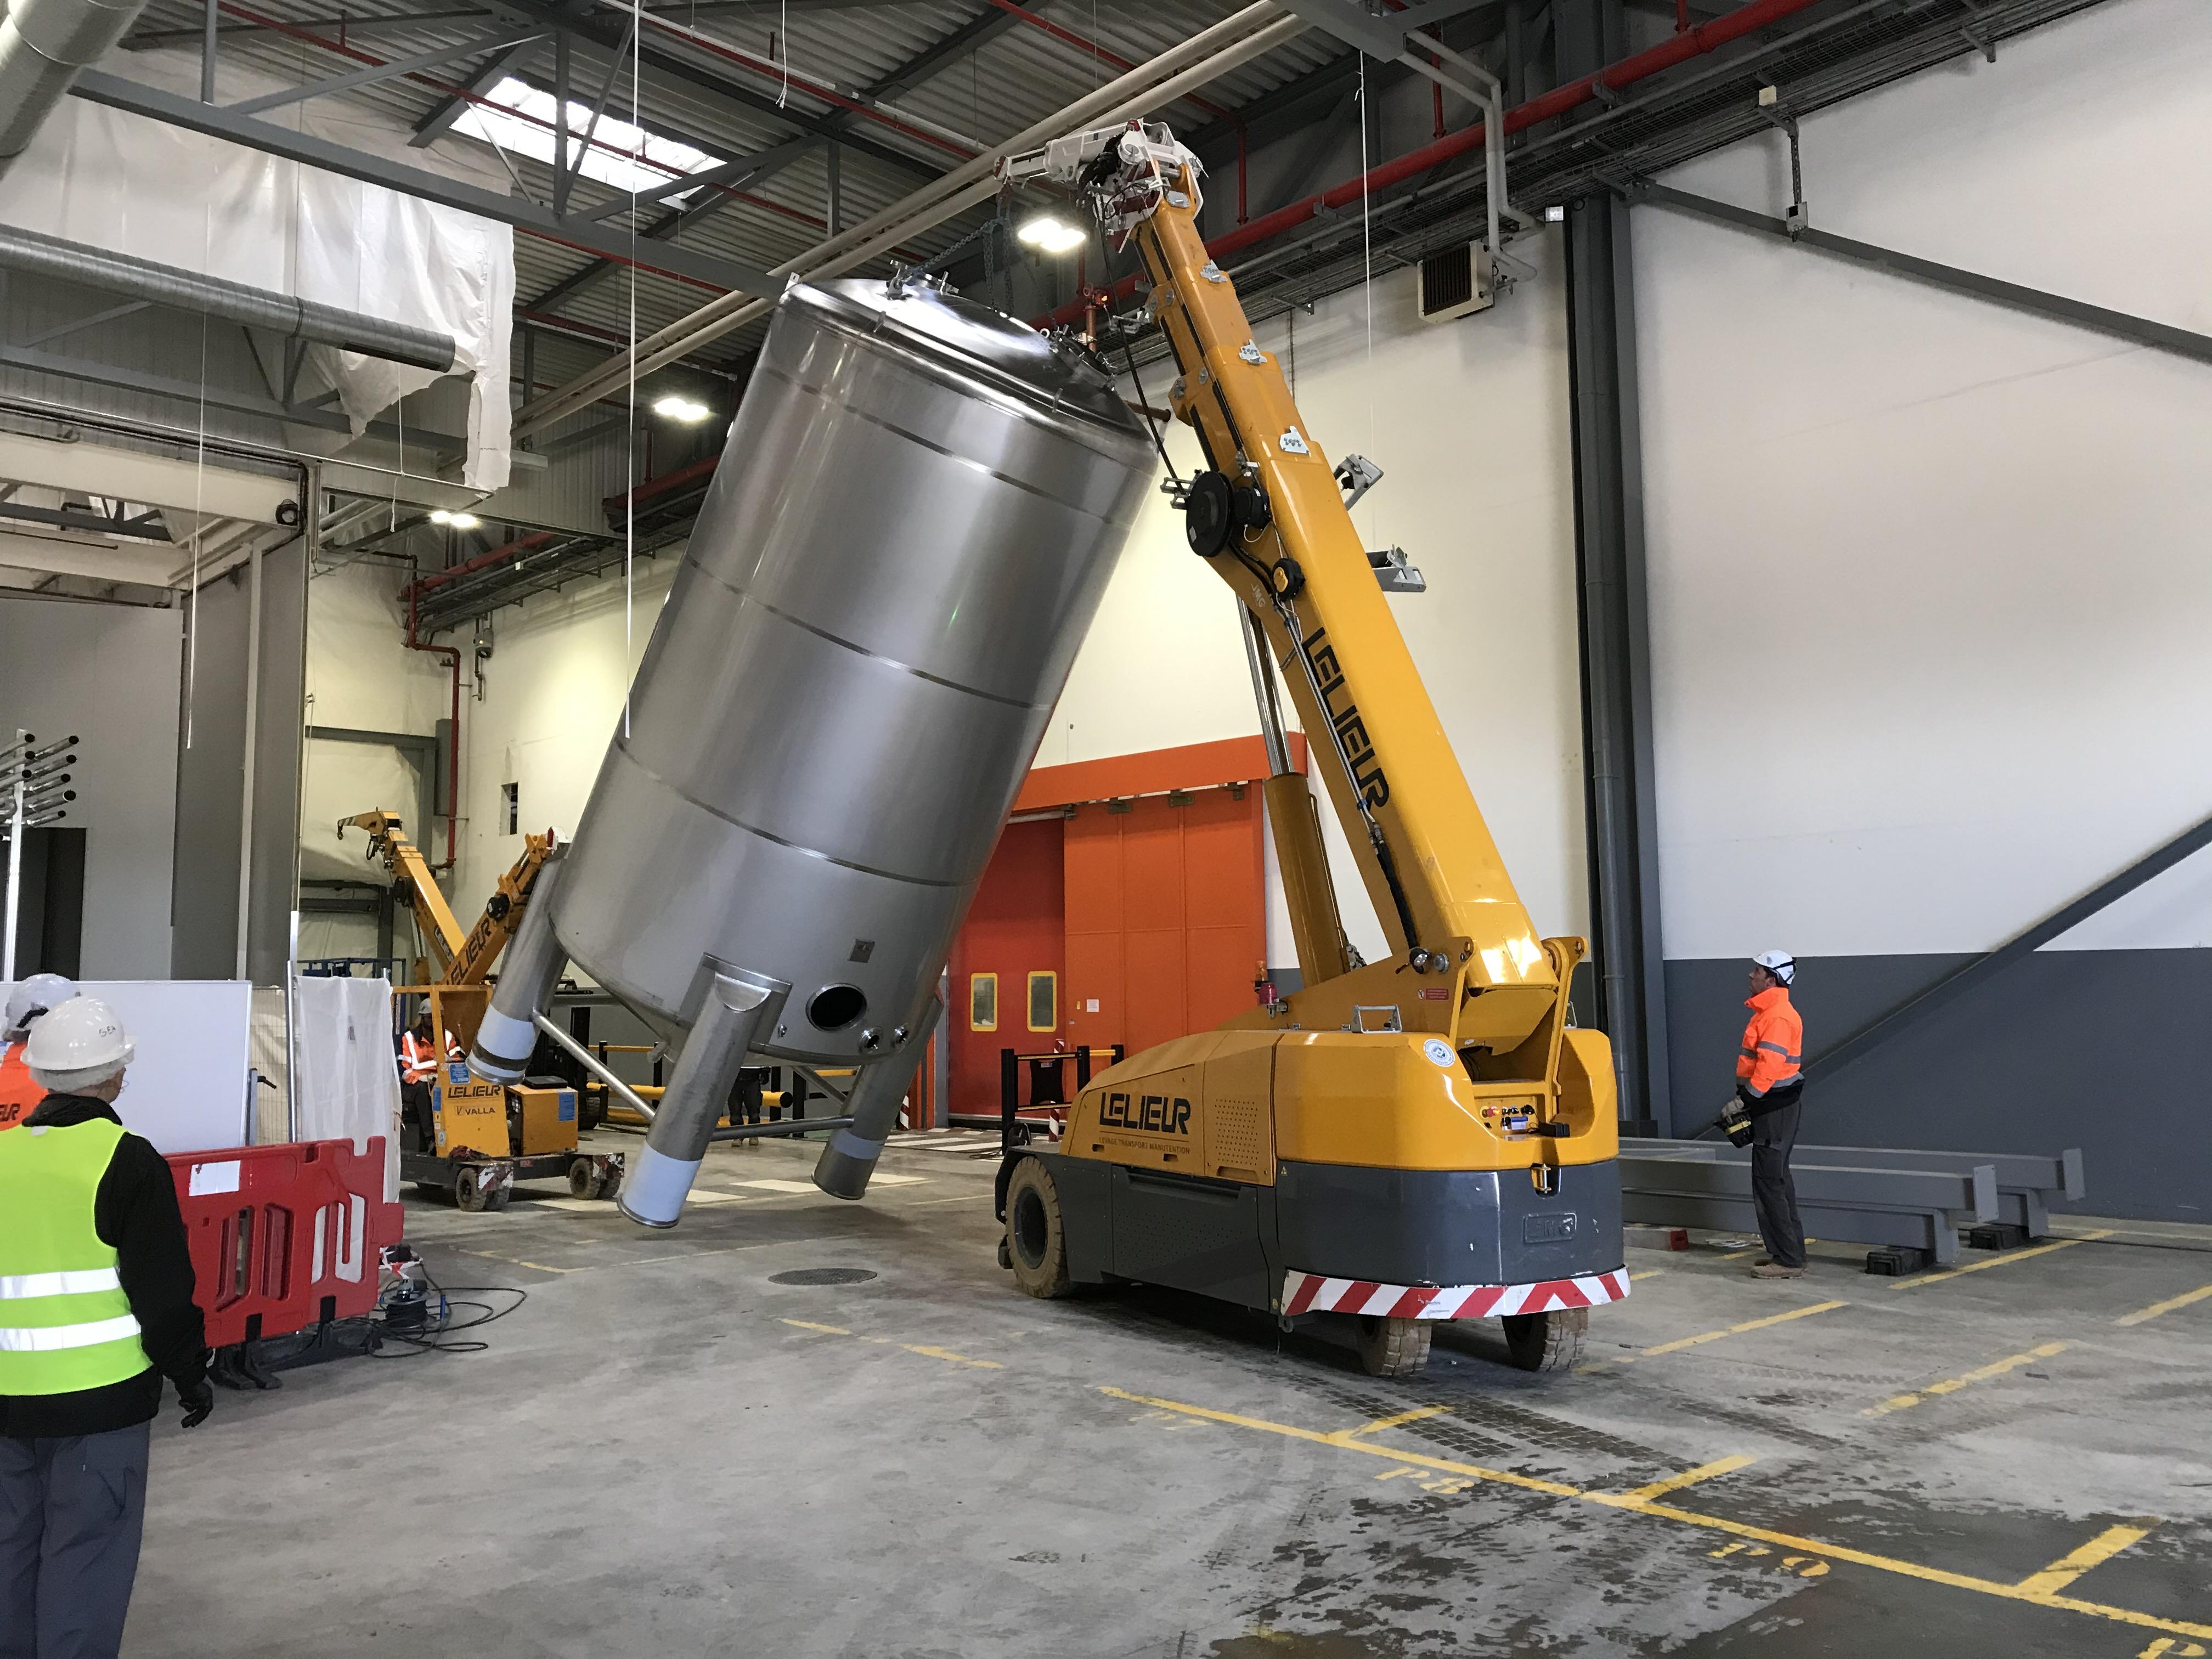 Mise en place de cuves de grande hauteur optimisé grâce à un emplacement optimisé des élingues.